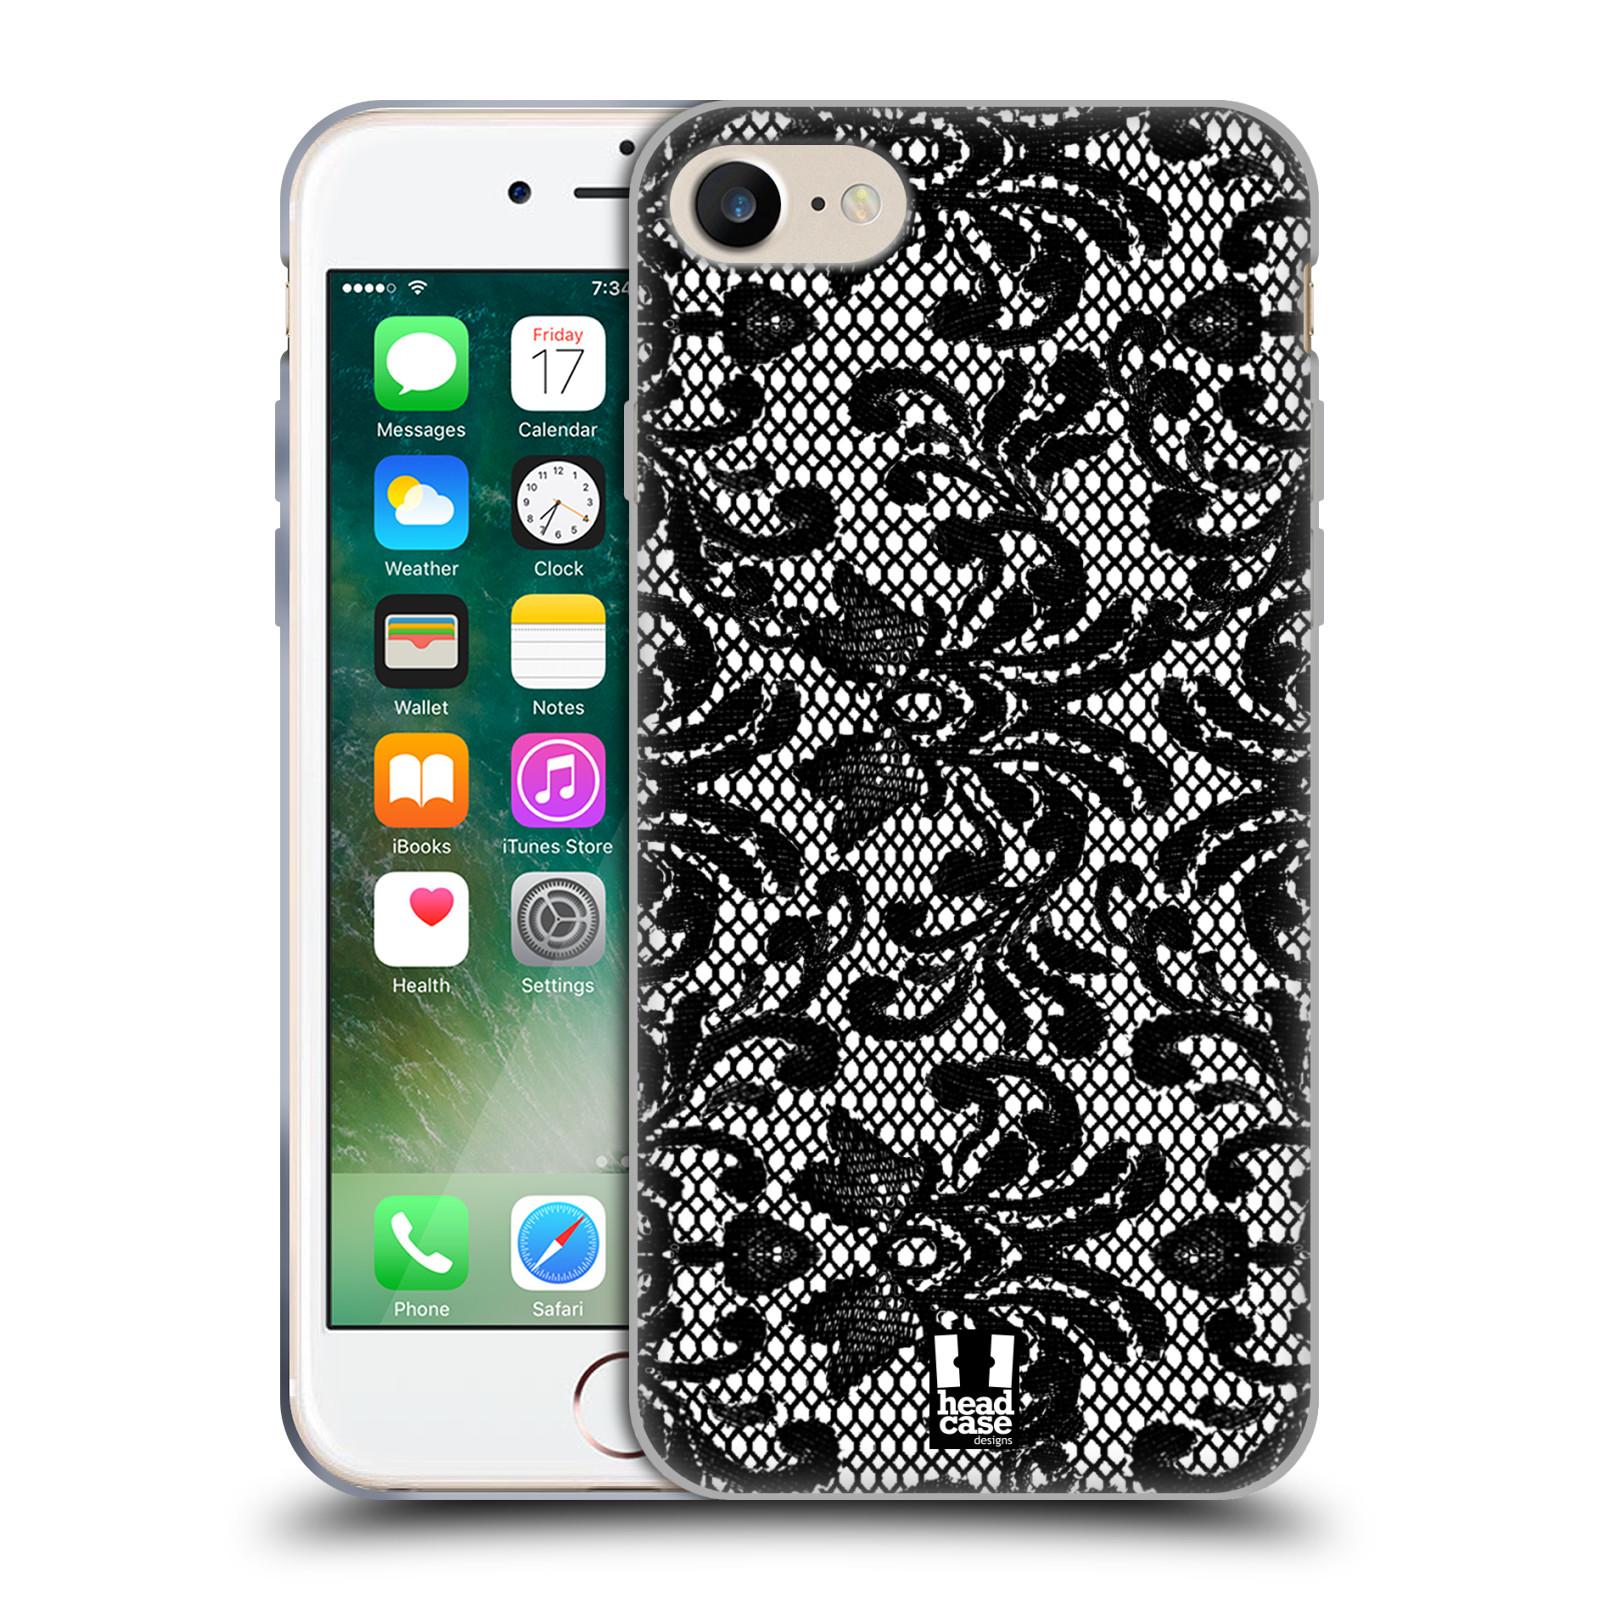 Silikonové pouzdro na mobil Apple iPhone 7 HEAD CASE KRAJKA (Silikonový kryt či obal na mobilní telefon Apple iPhone 7)